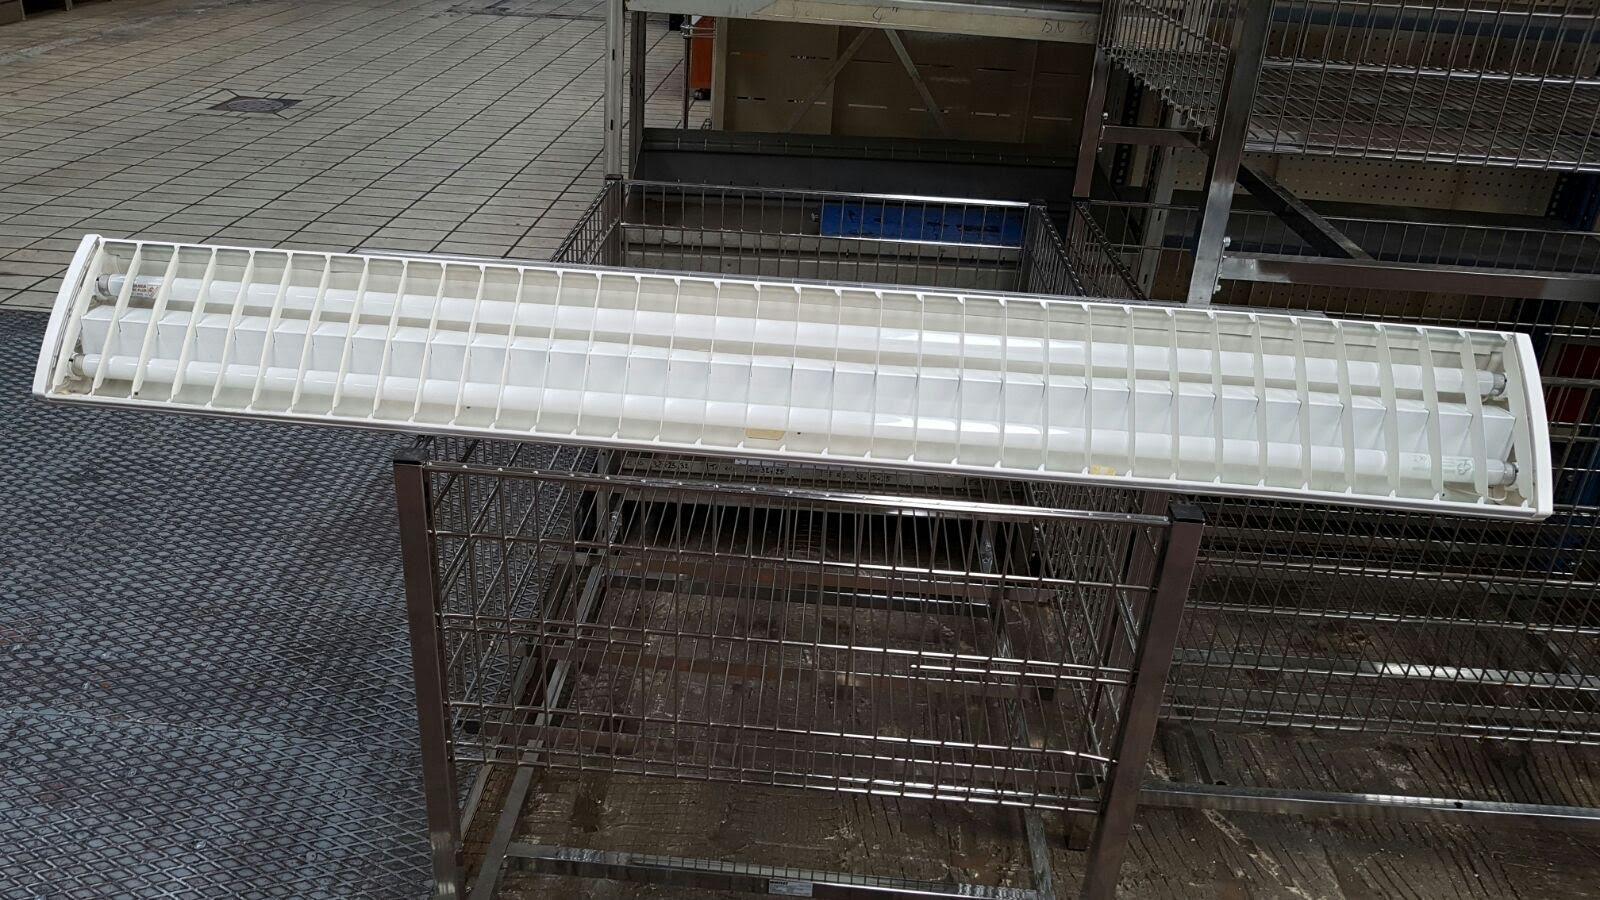 Plafoniere Industriali Usate : Plafoniere neon tubo scaffali usati bologna compravendita